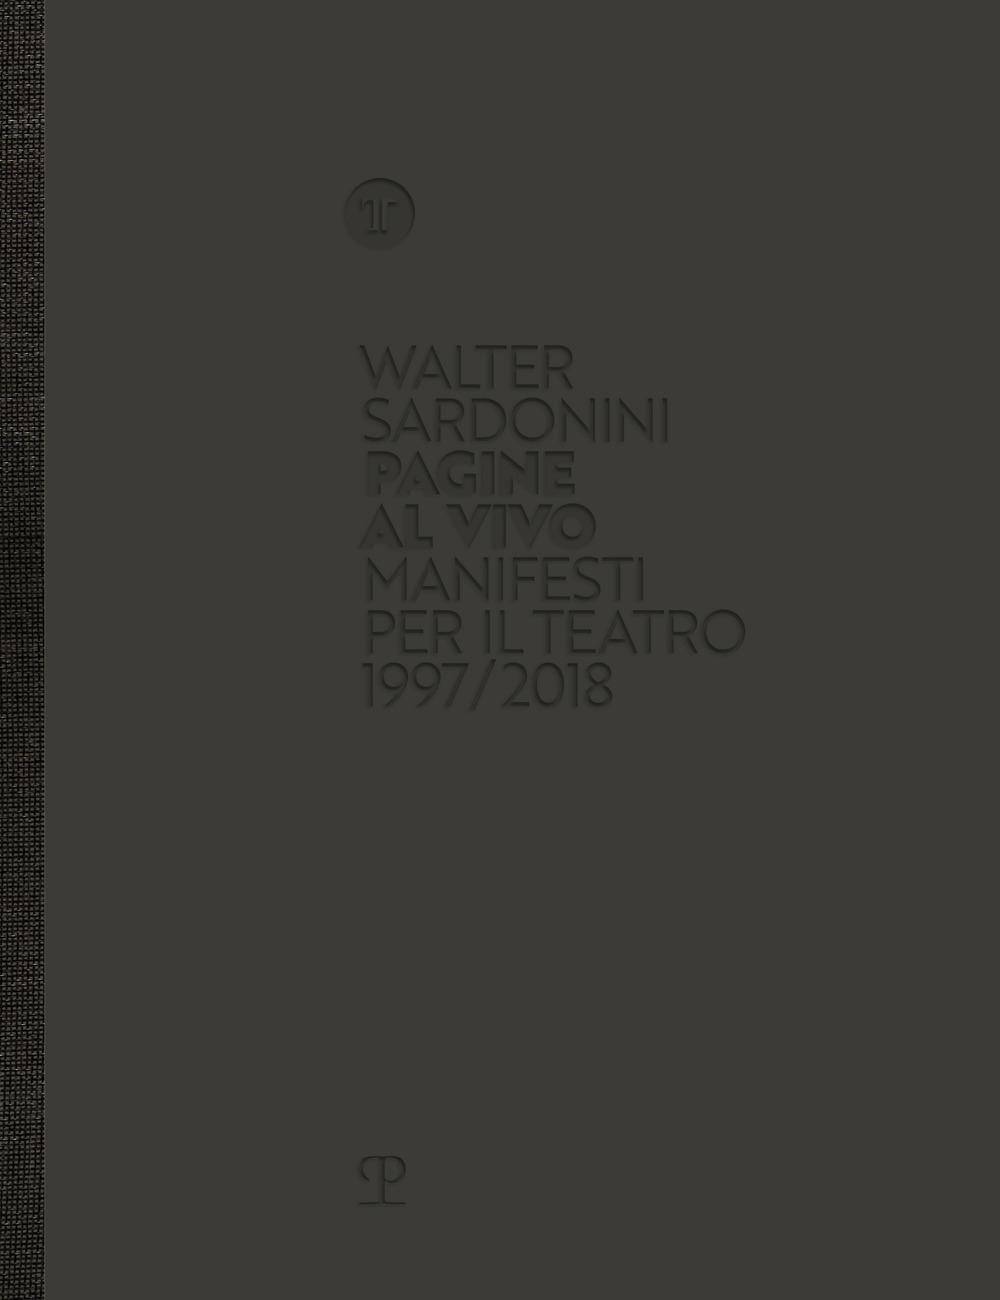 Walter Sardonini. Pagine al vivo. Manifesti per il teatro 1997/2018